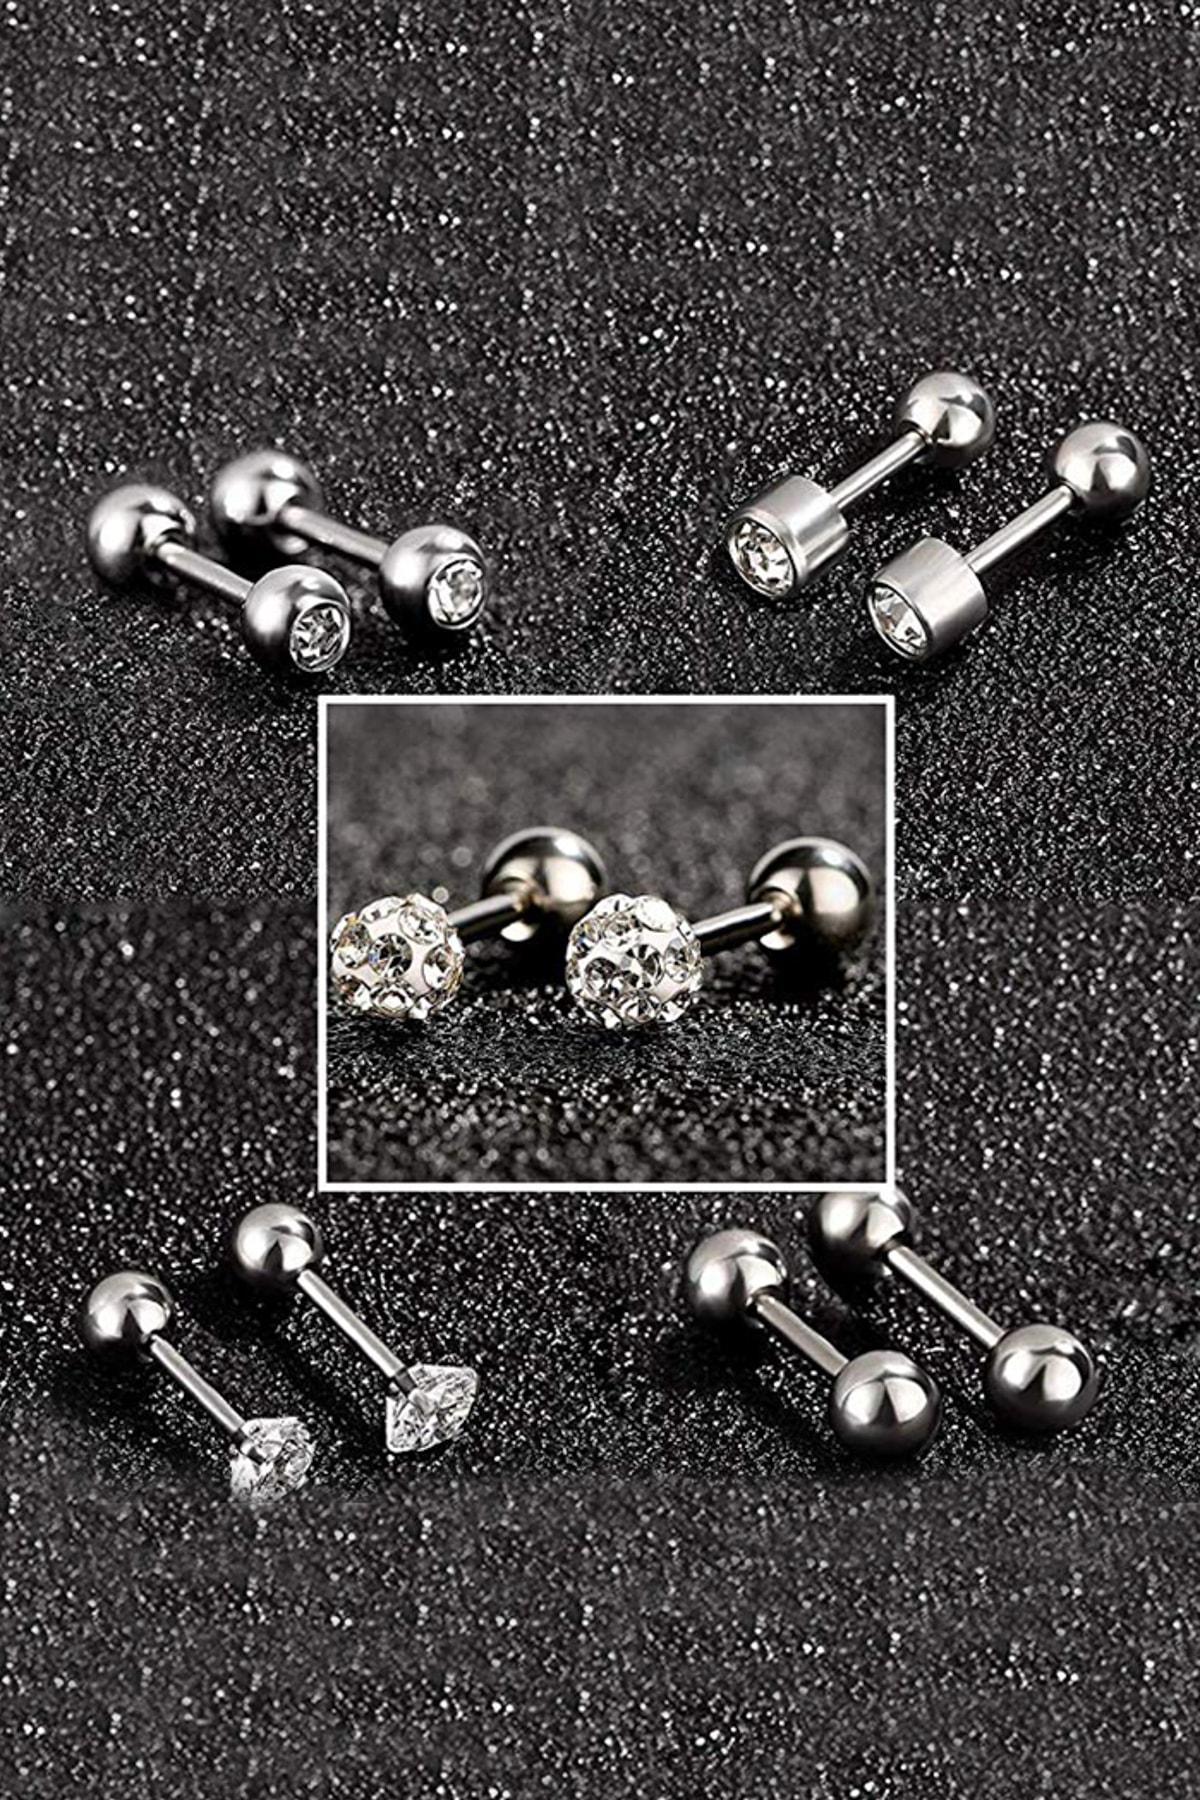 Chavin Gri Çelik 5 Takım Taşlı Küpe Piercing Eb61by 2